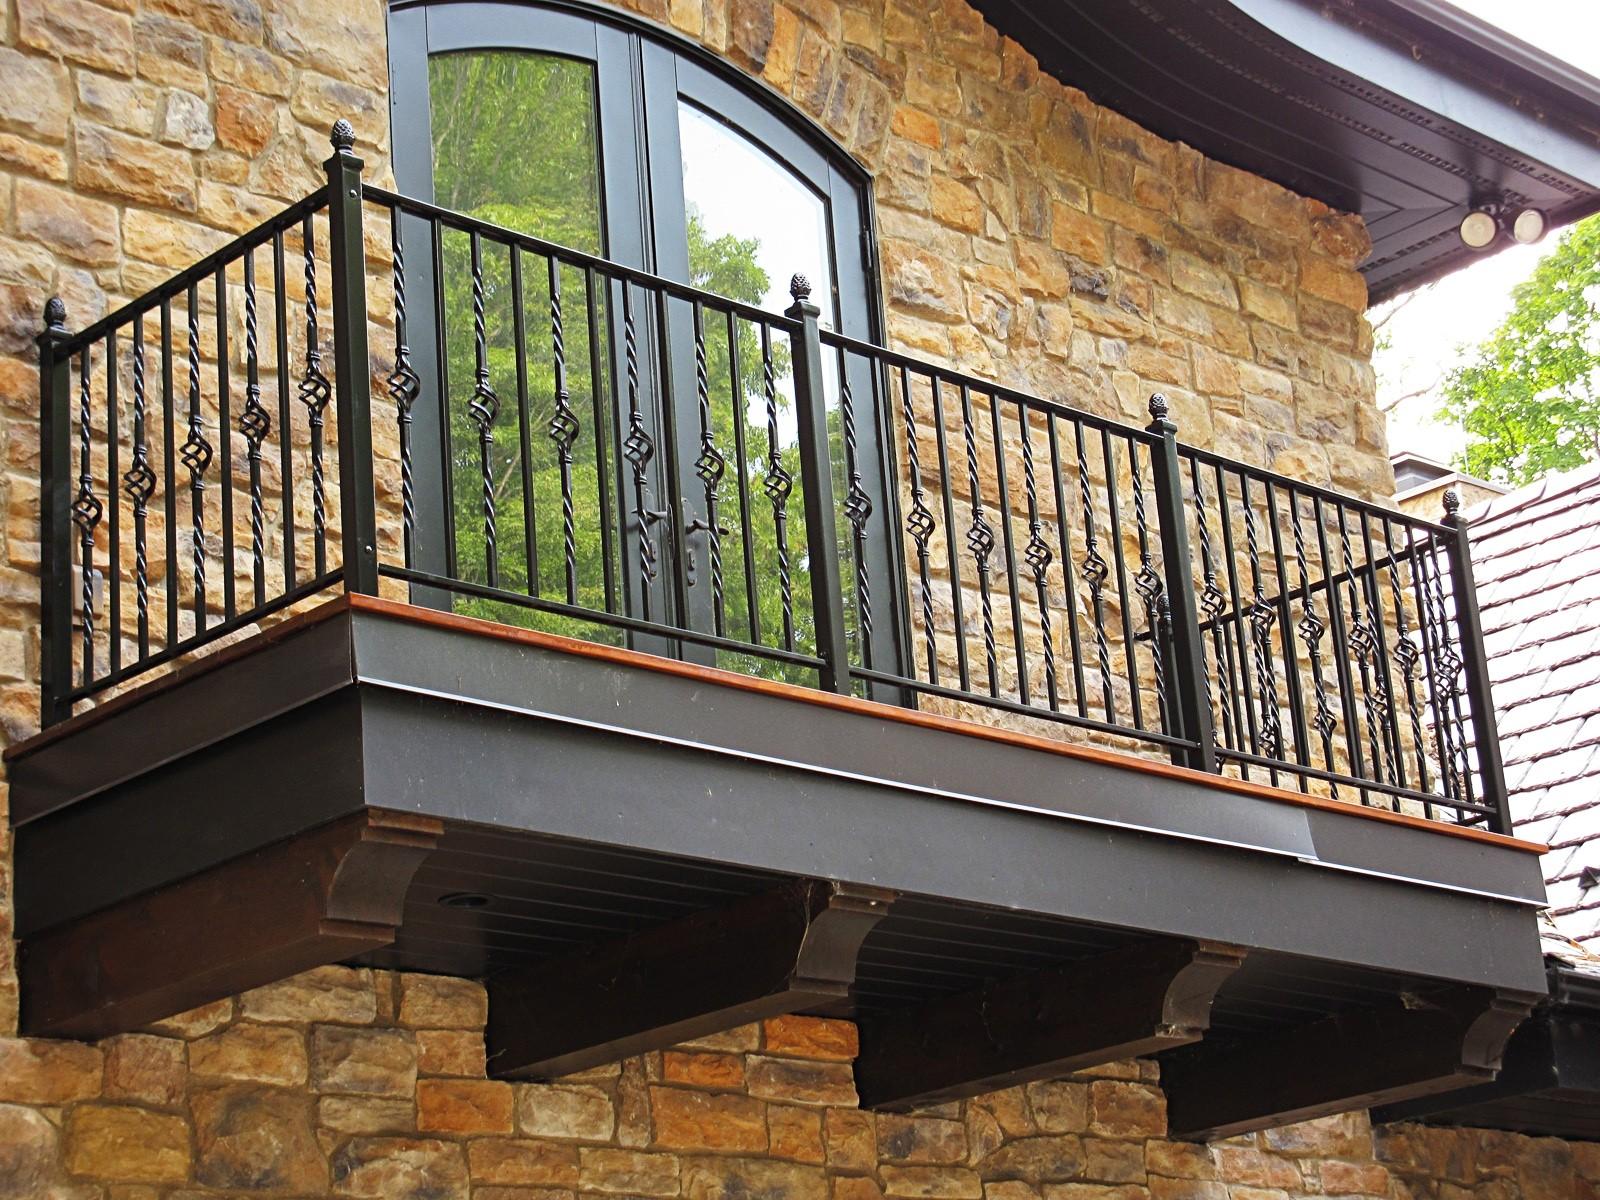 Bloembakken Voor Balkon.Kan Een Polyester Plantenbak Aan Een Balkon Hangen